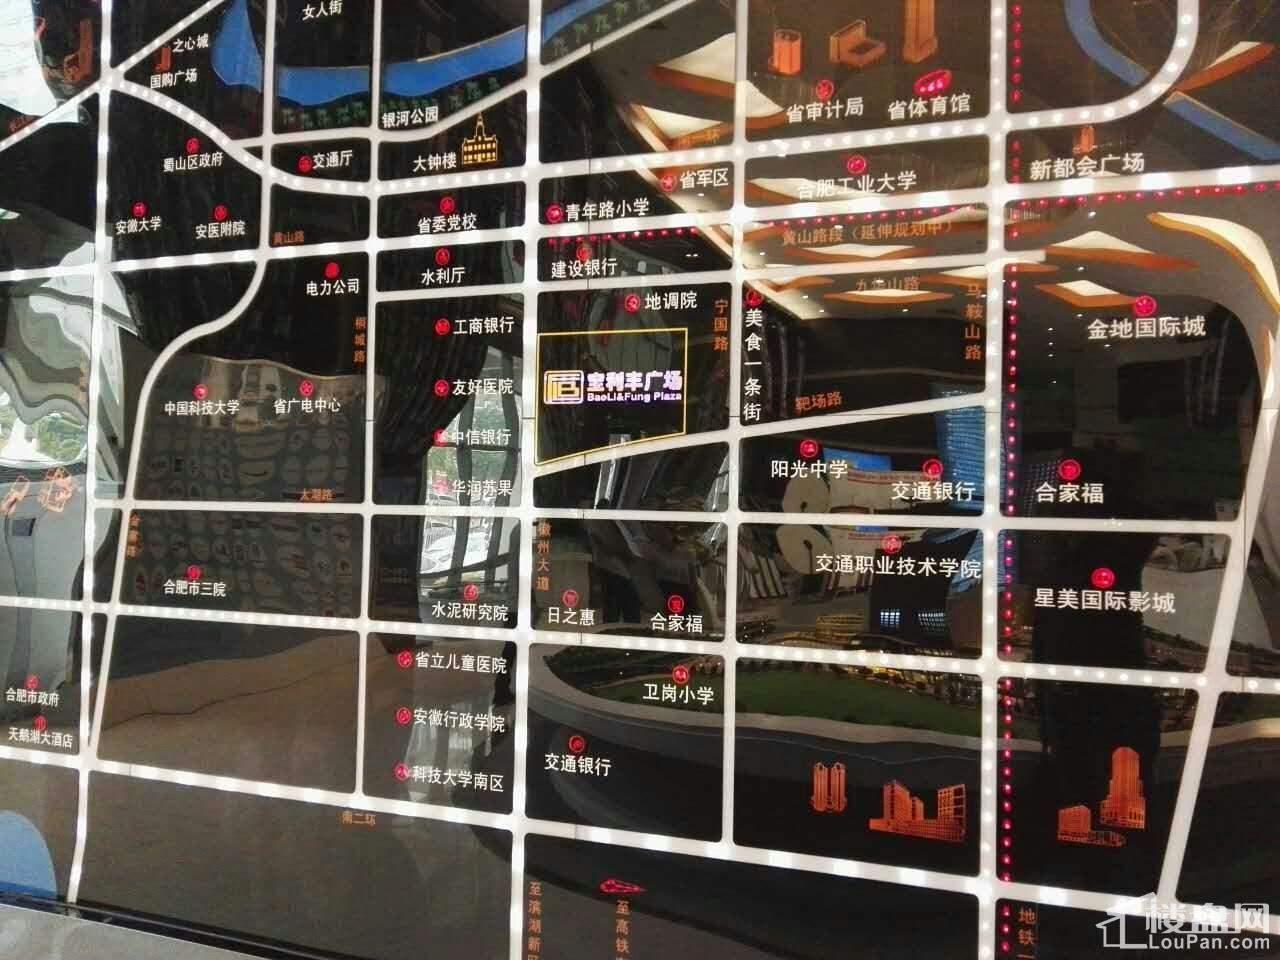 宝利丰广场商铺位置图